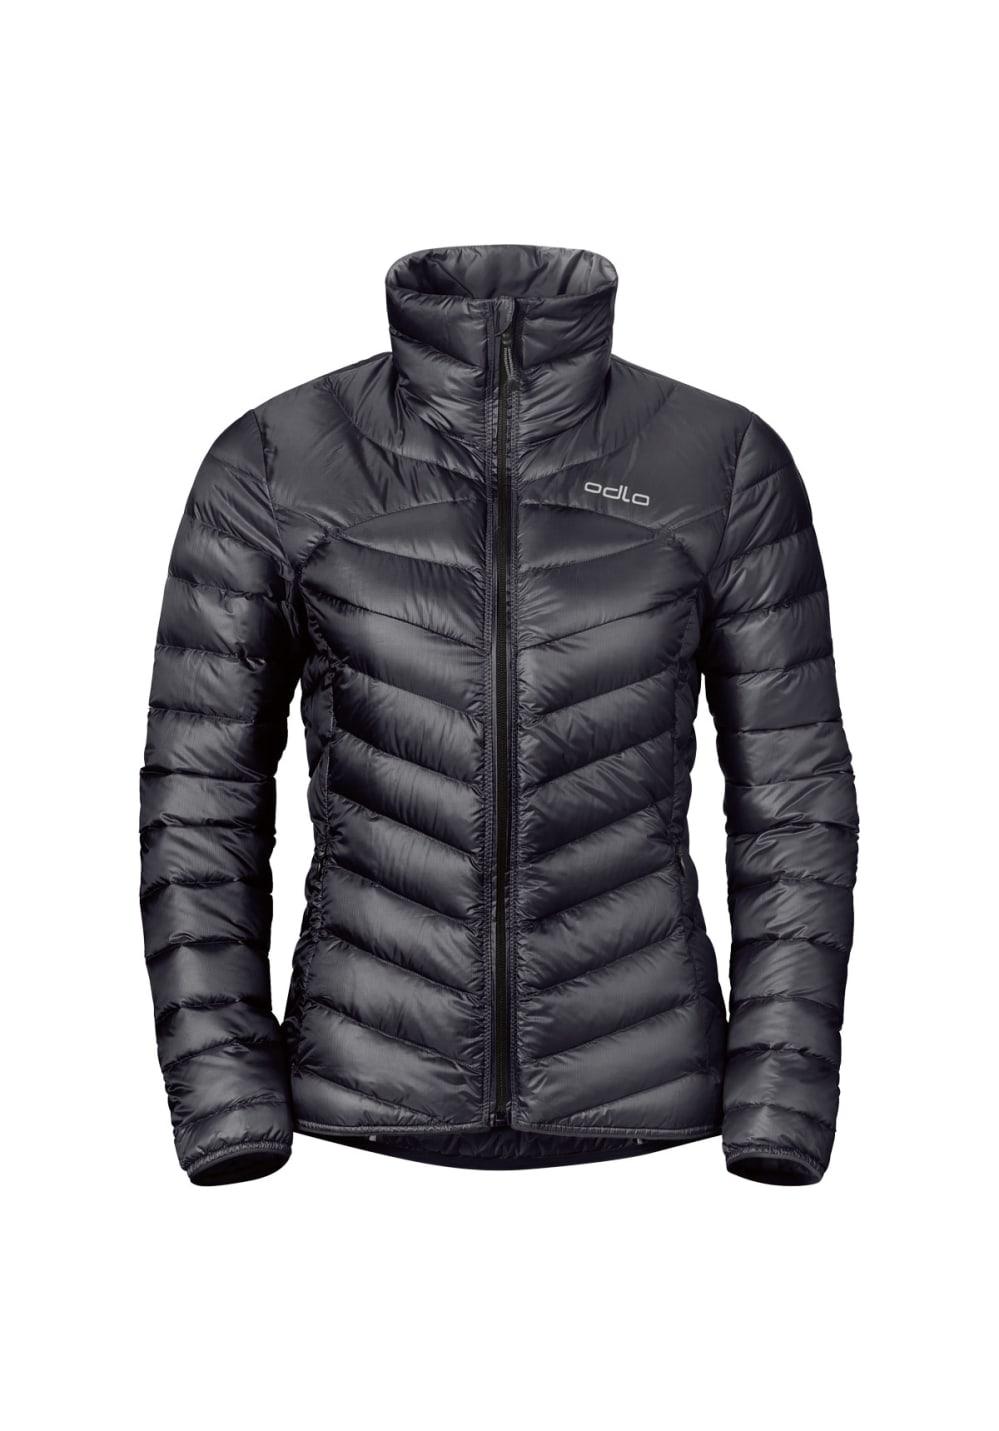 Odlo Jacket Air Cocoon - Laufjacken für Damen - Schwarz, Gr. M